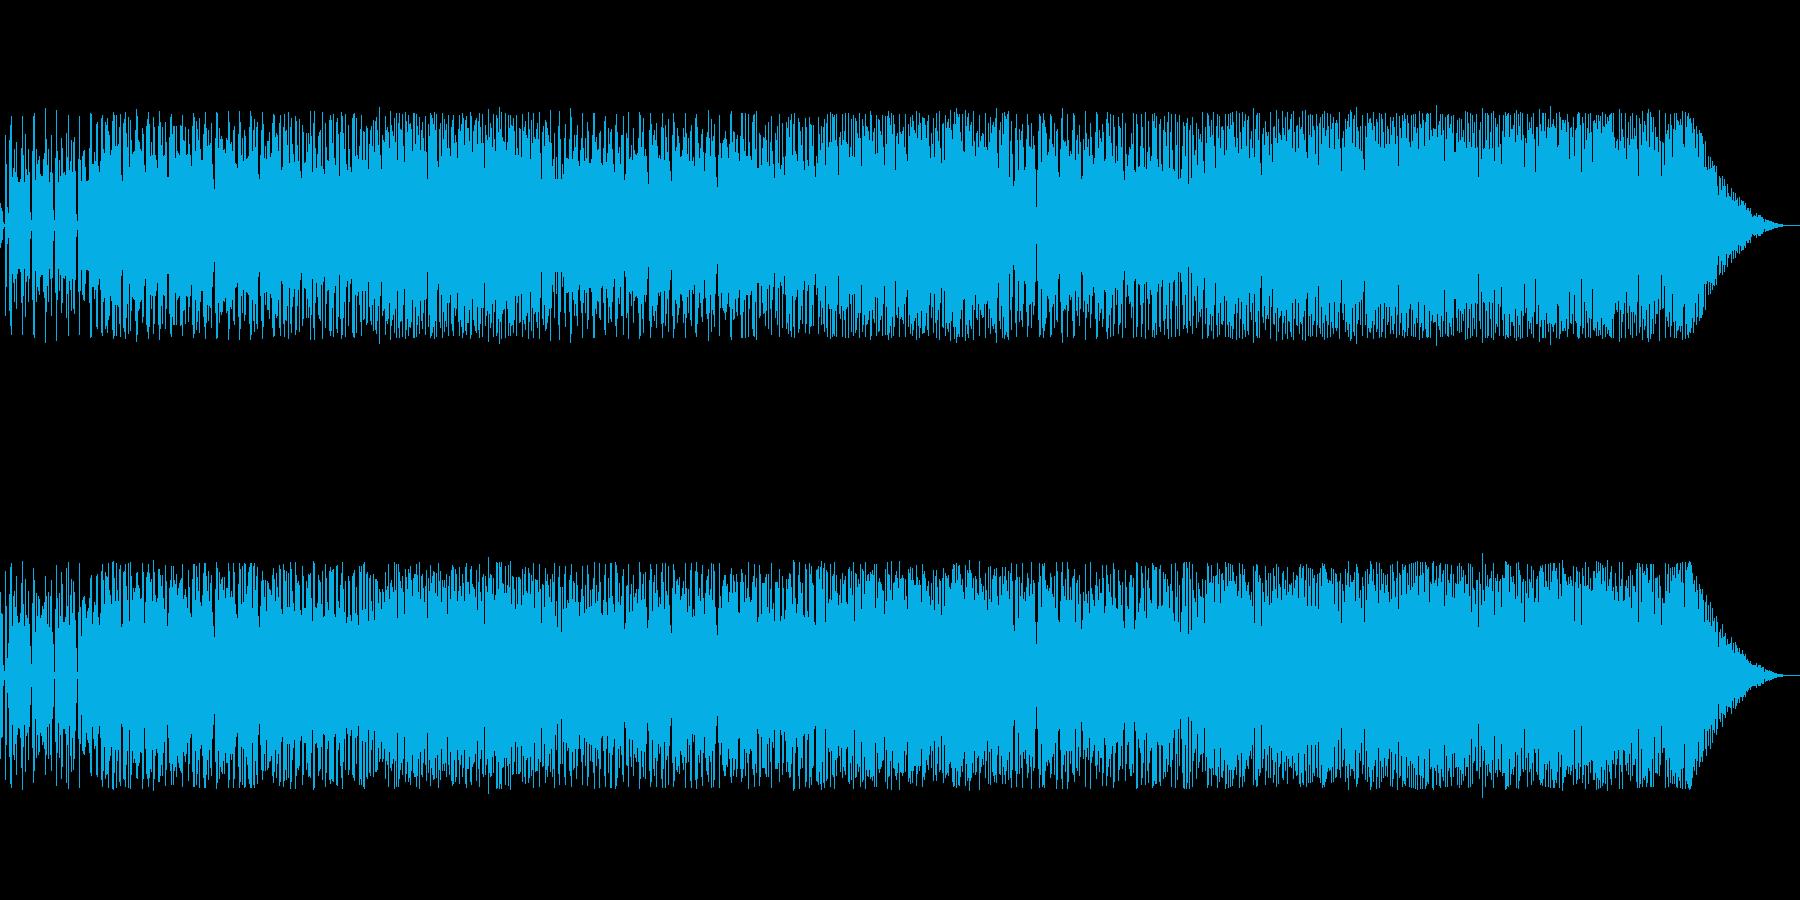 夕陽の島のイメージの再生済みの波形